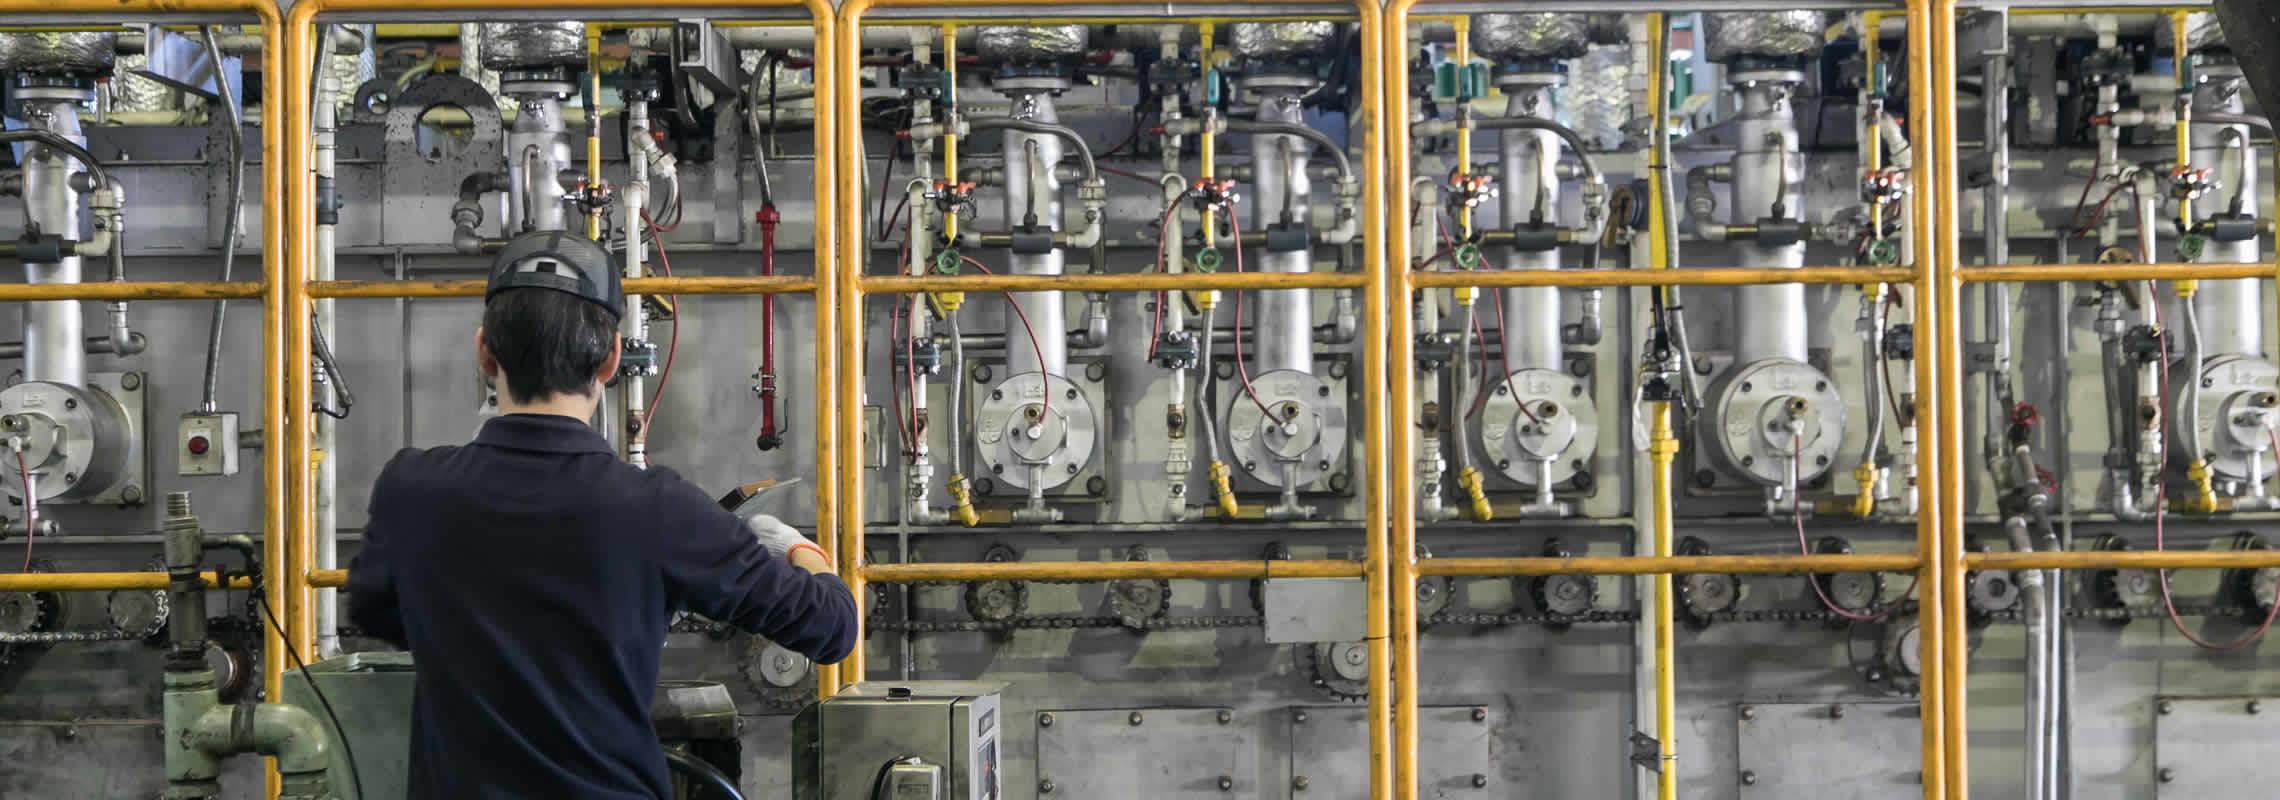 浸炭熱処理の作業をしているスタッフ